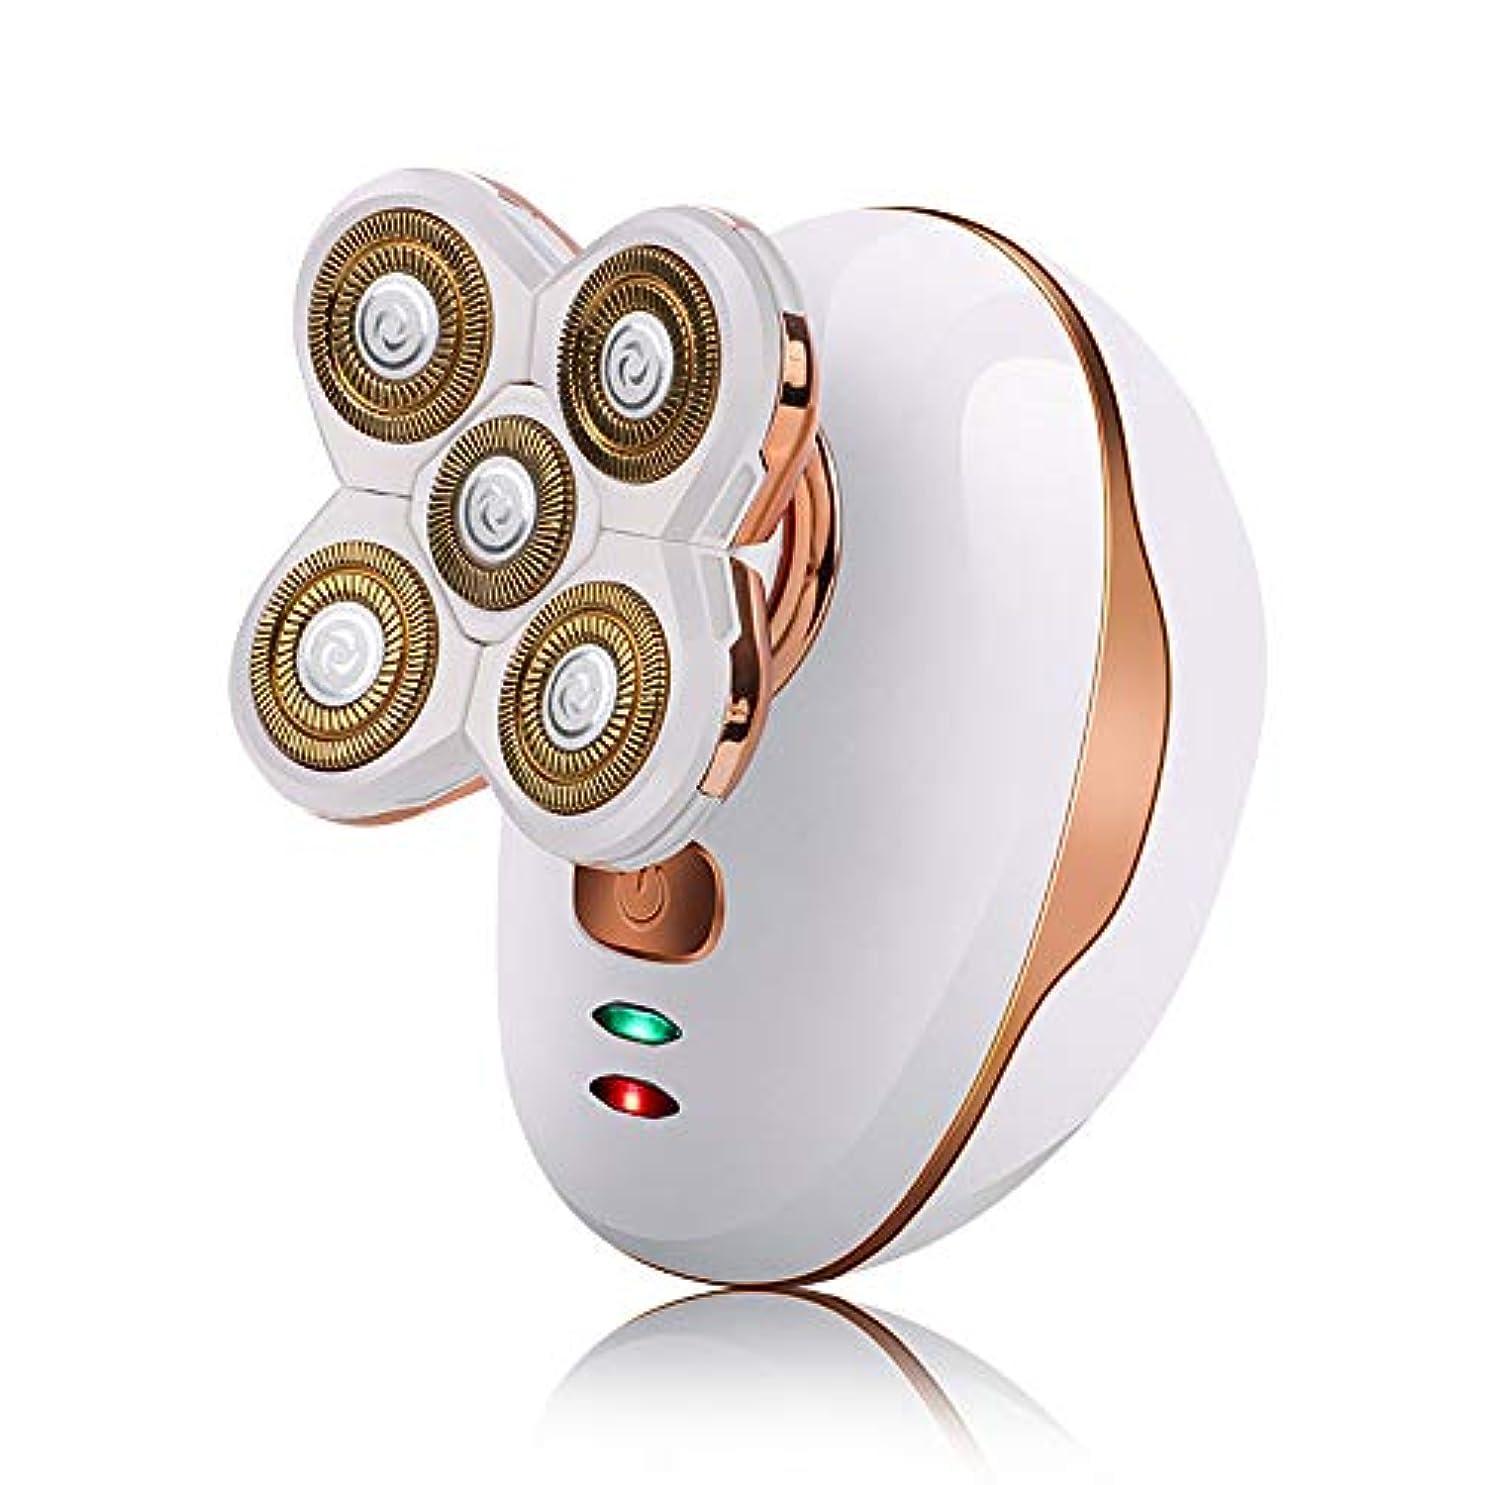 会話しなやかうなり声メンズ電気シェーバーかみそり、シェーバー五頭の充電式防水ウォッシュセルフケア光学ヘッドシェービングナイフのUSB充電,白